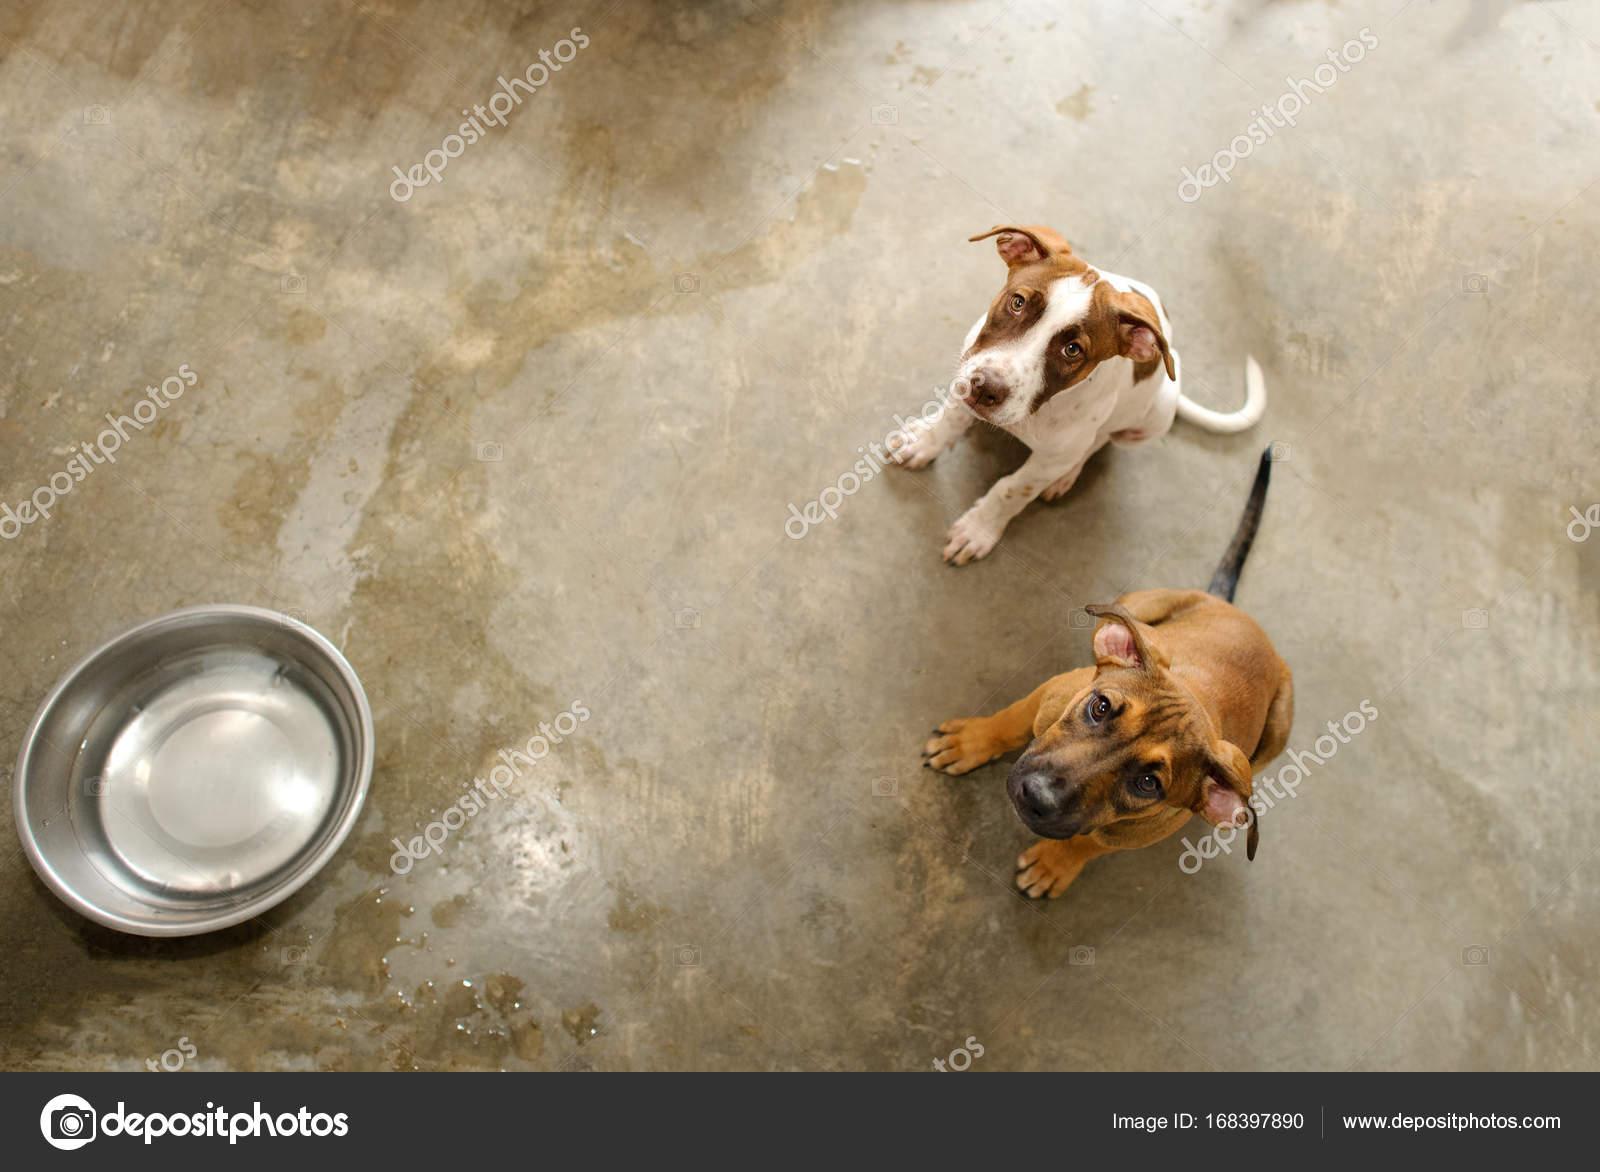 cba3a29c849e Καταφύγιο σκύλων είναι ένα καταφύγιο ζώων με δύο χαριτωμένα σκυλιά  κοιτώντας ψηλά θέλουν κάποιον να τους πάρει σπίτι — Εικόνα από mexitographer